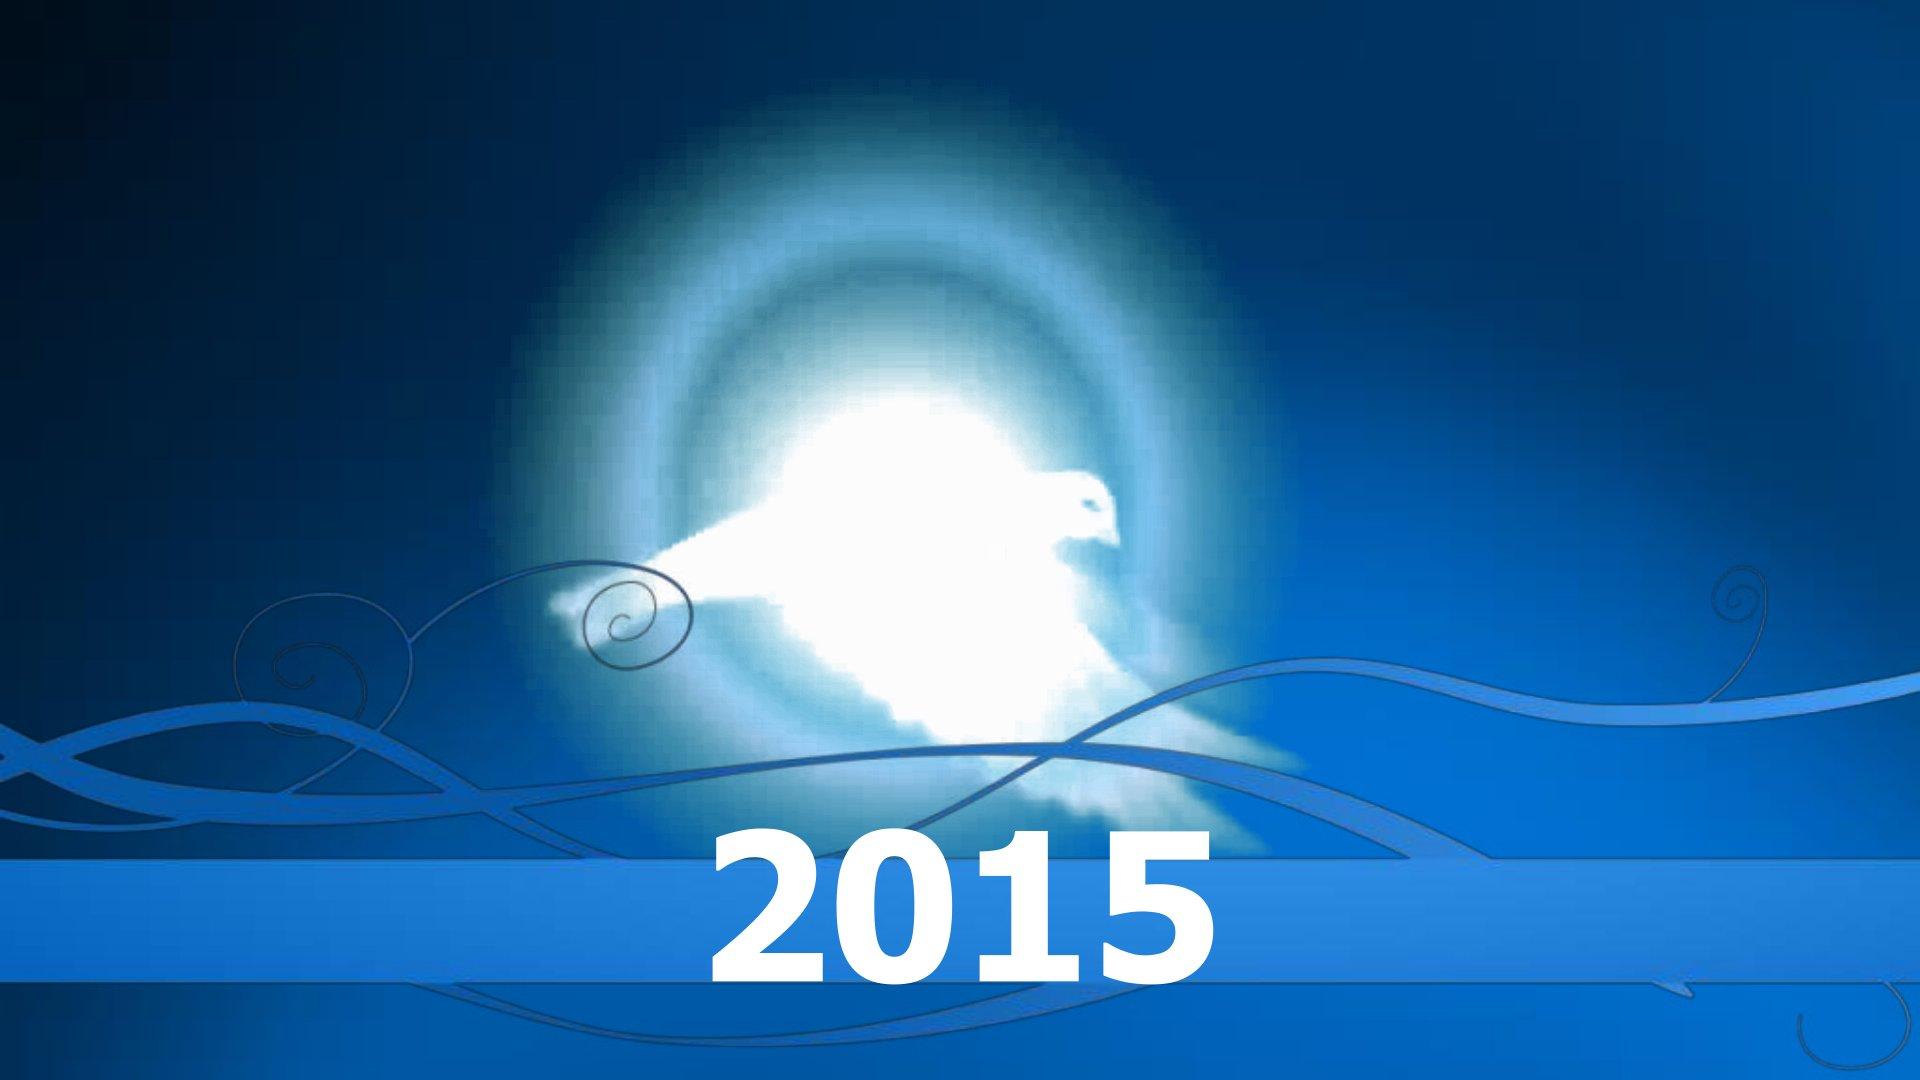 2015-frontpage-evangelicalendtimemachine